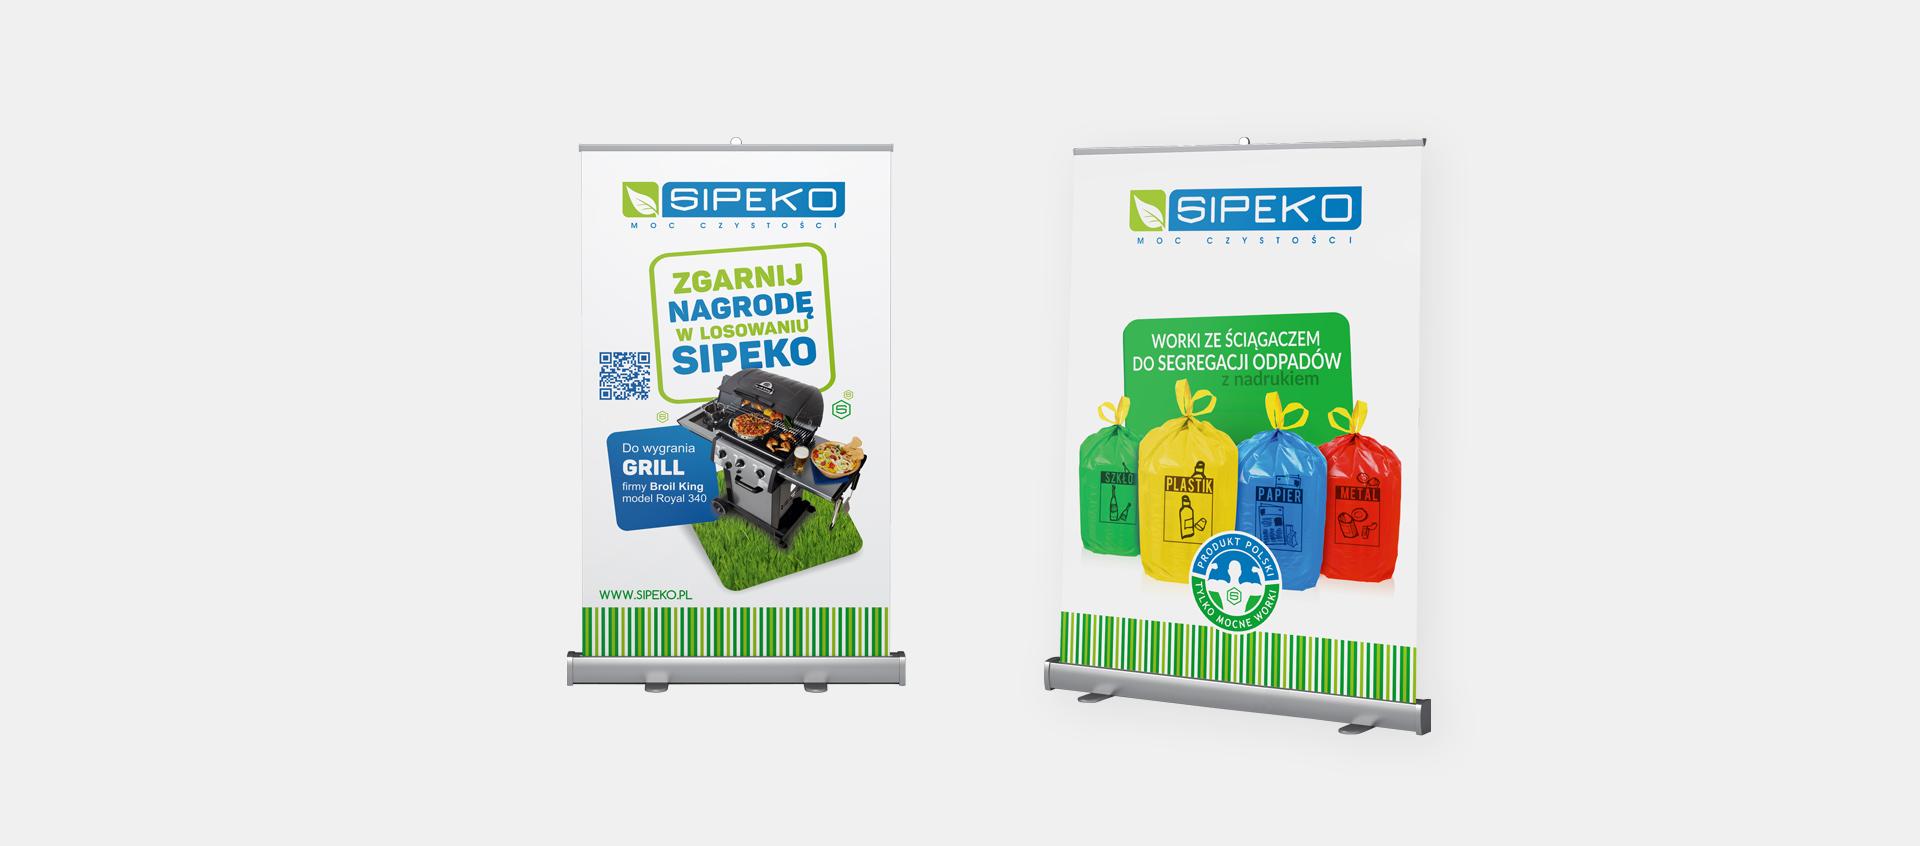 Sipeko - Realizacja - Agencja ROXART